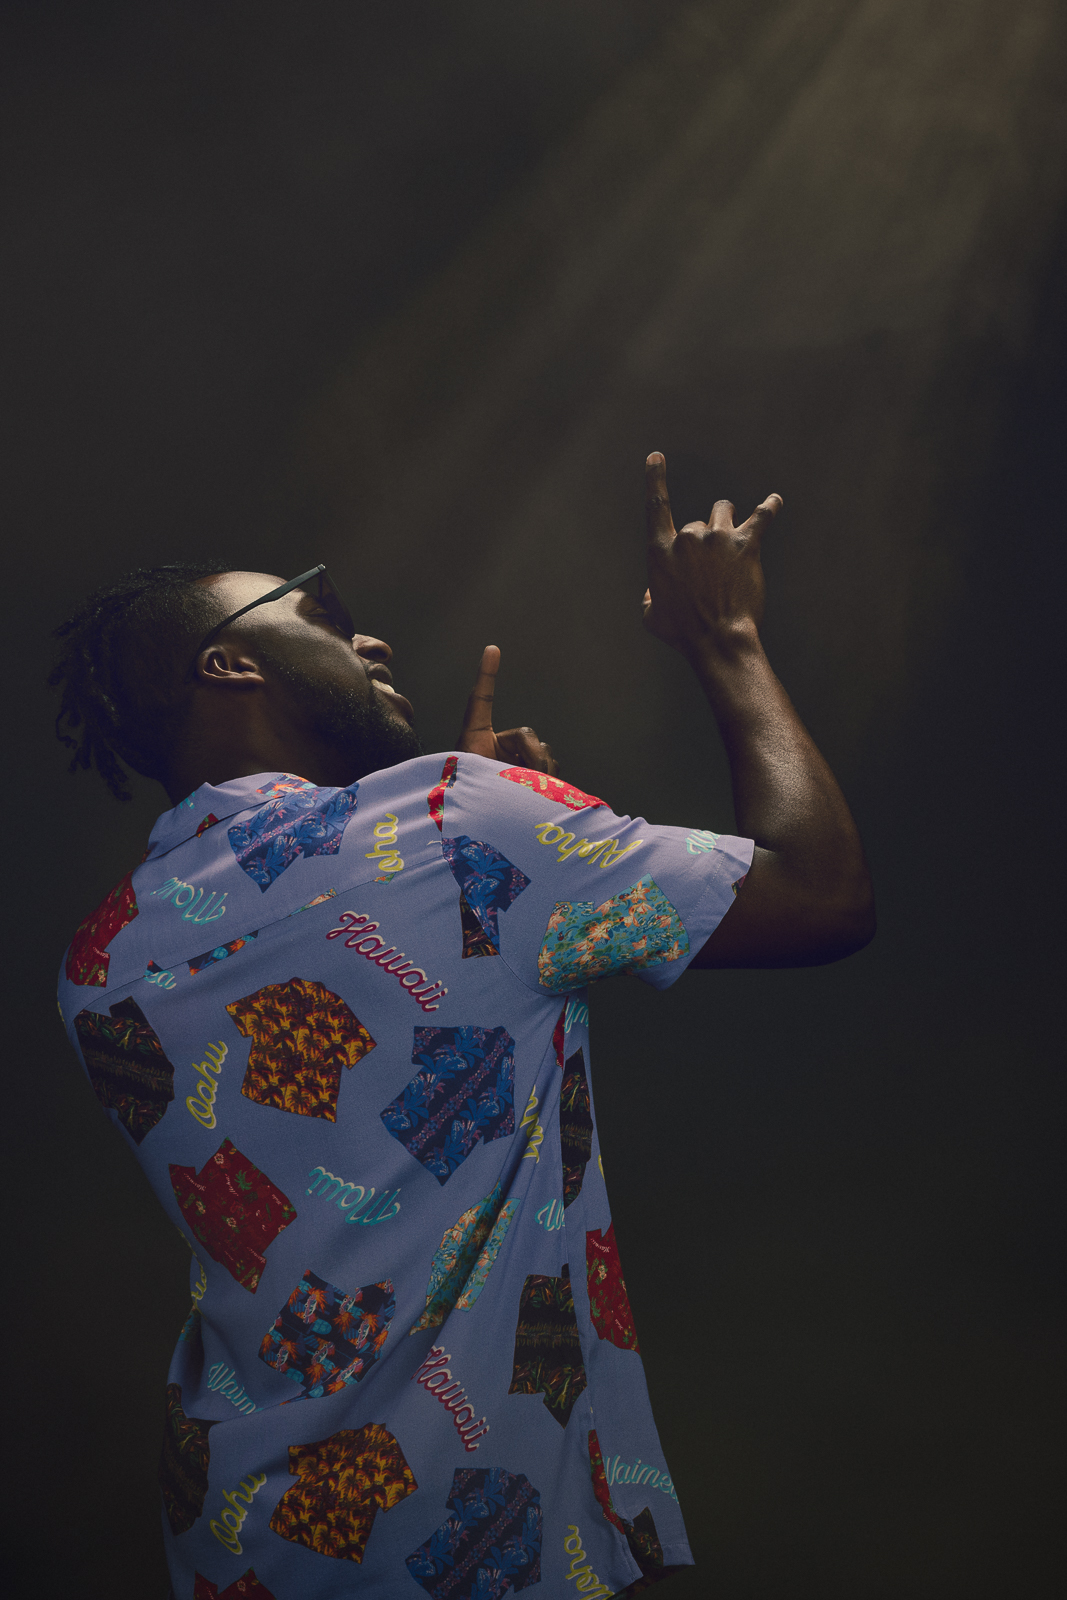 chavis flagg, 2018 musician